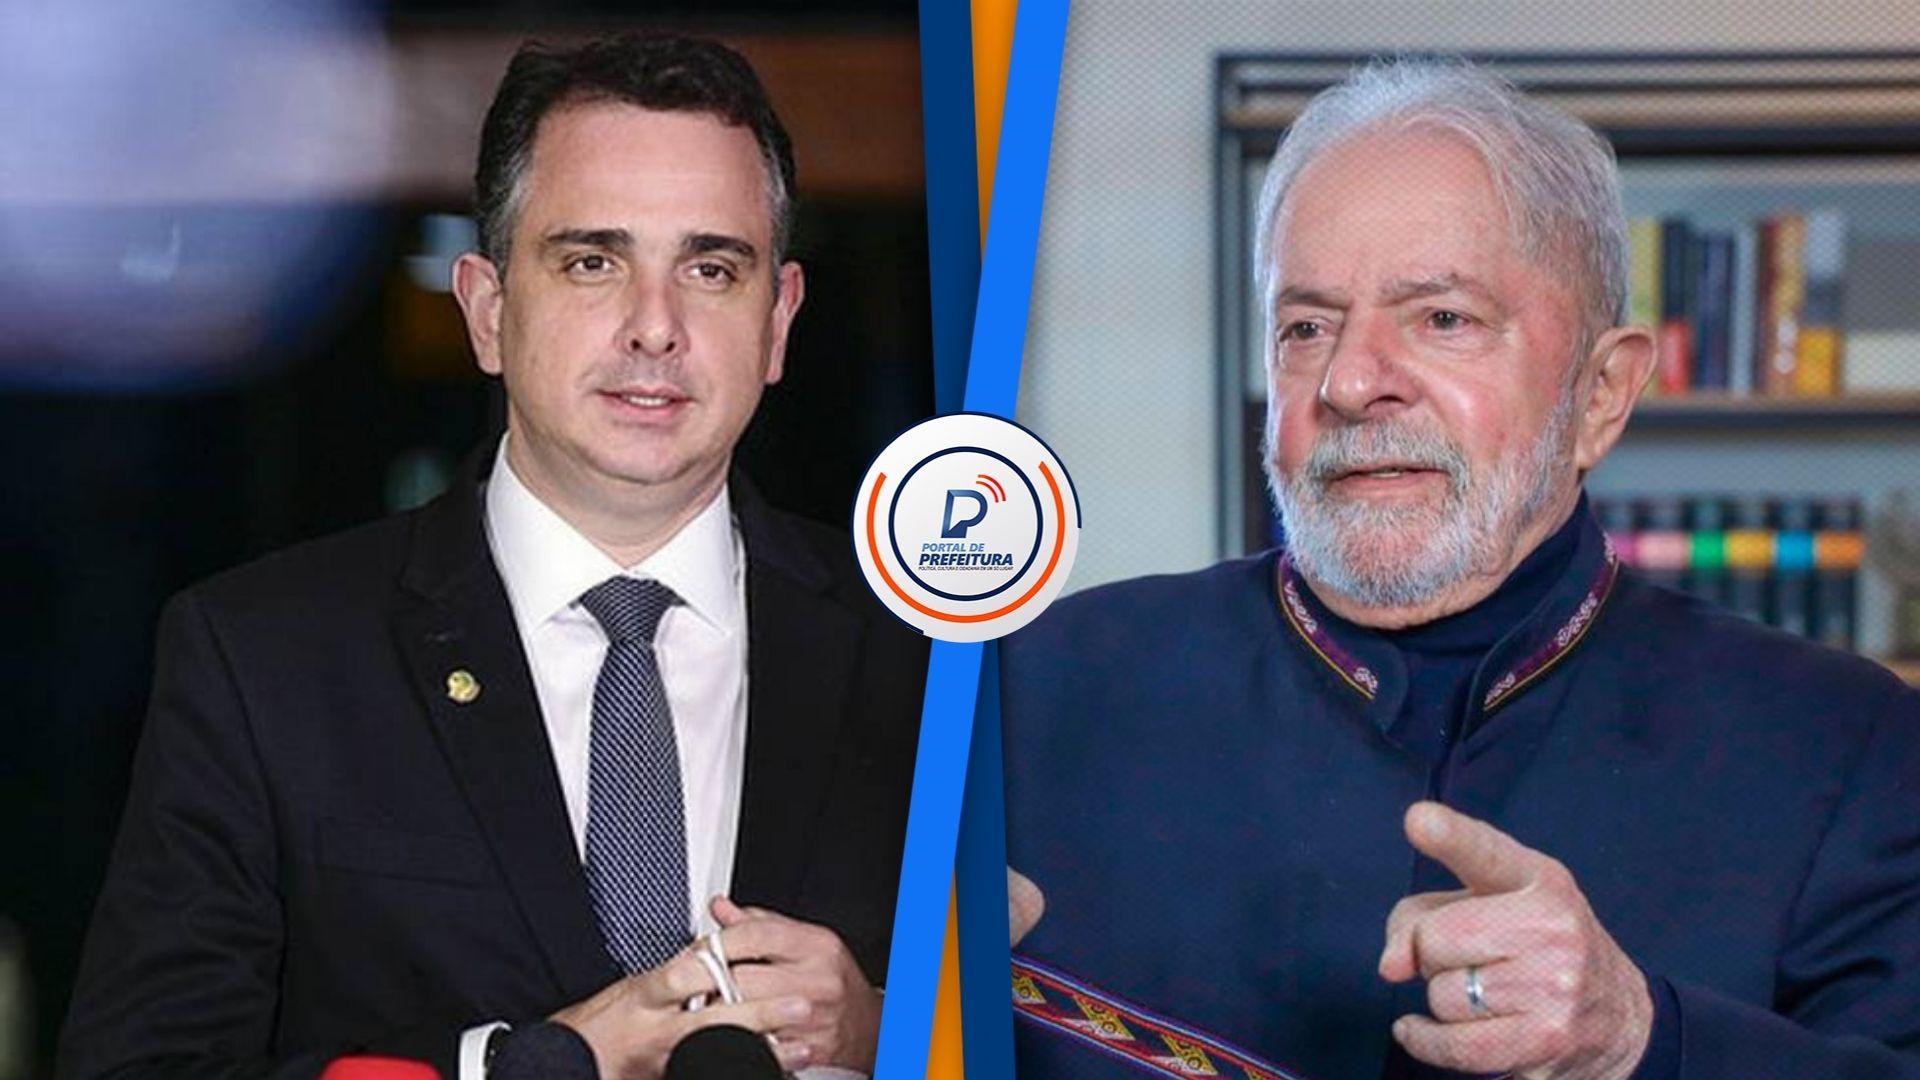 Membros do PT e Renan Calheiros articulam para que Rodrigo Pacheco seja vice de Lula em 2022, diz jornal